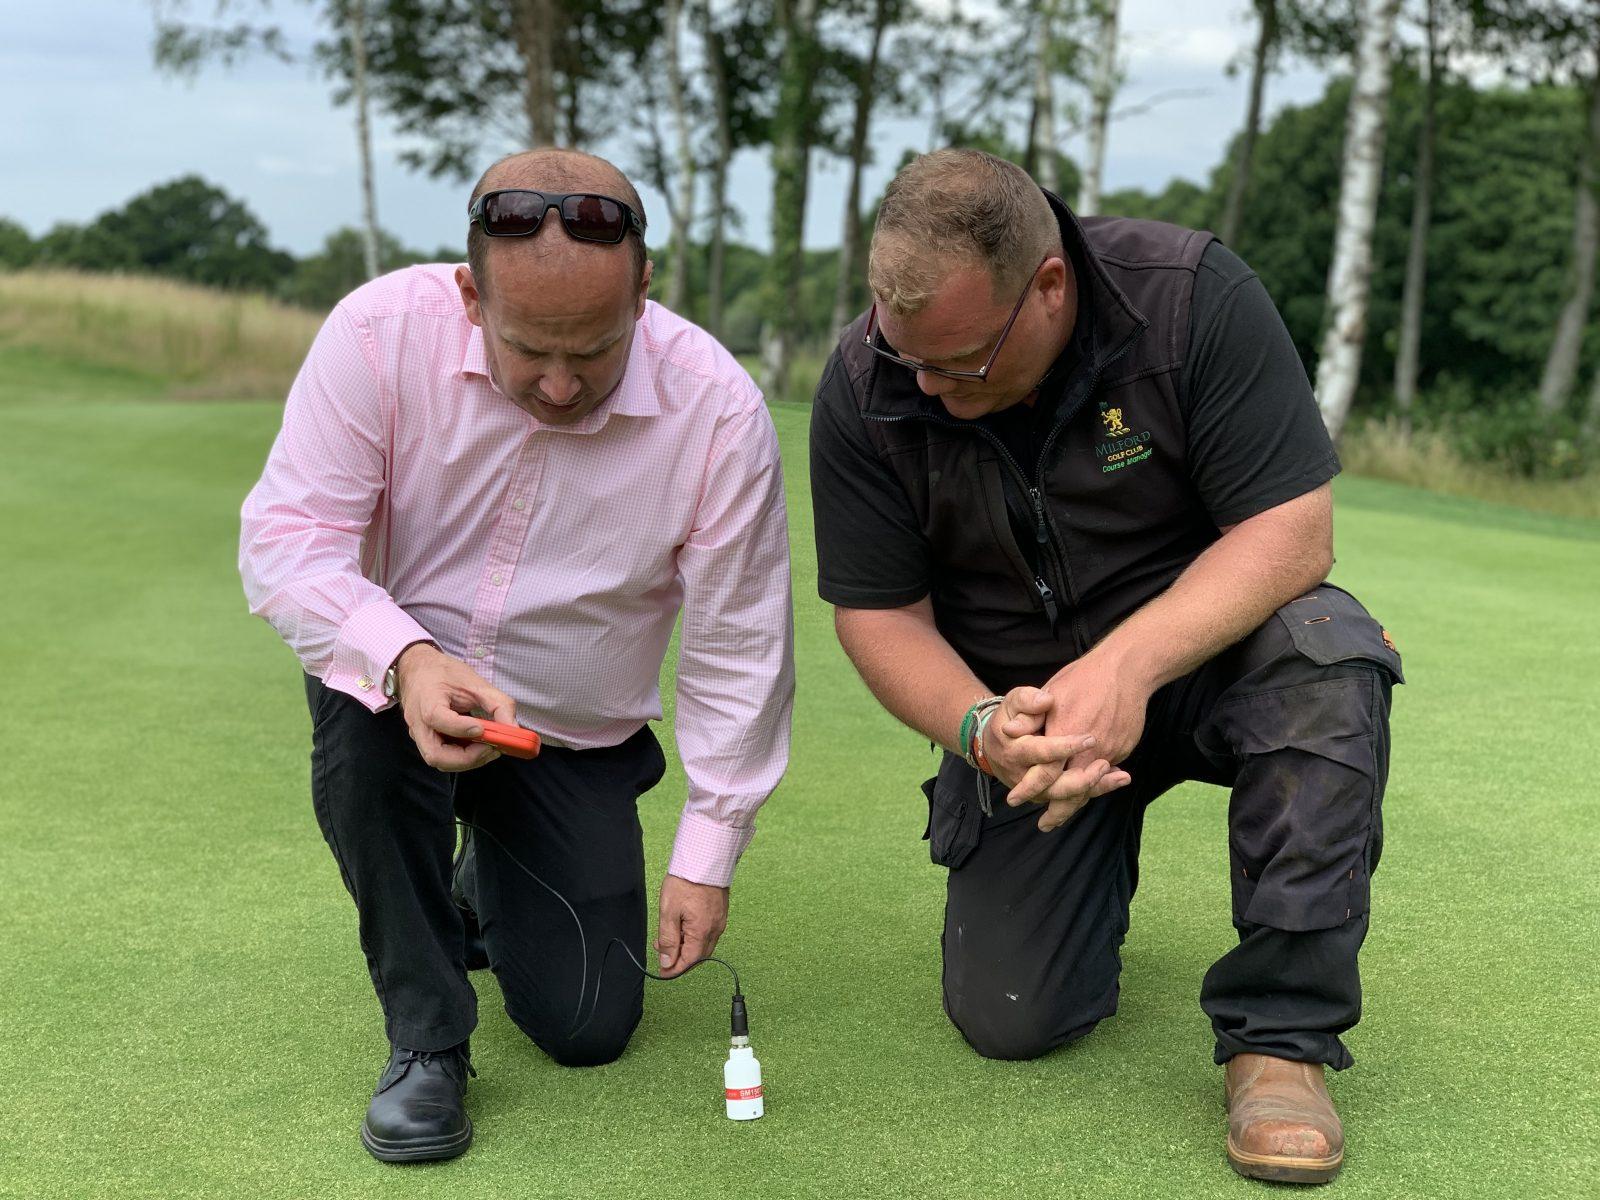 Milford Golf Club in Surrey